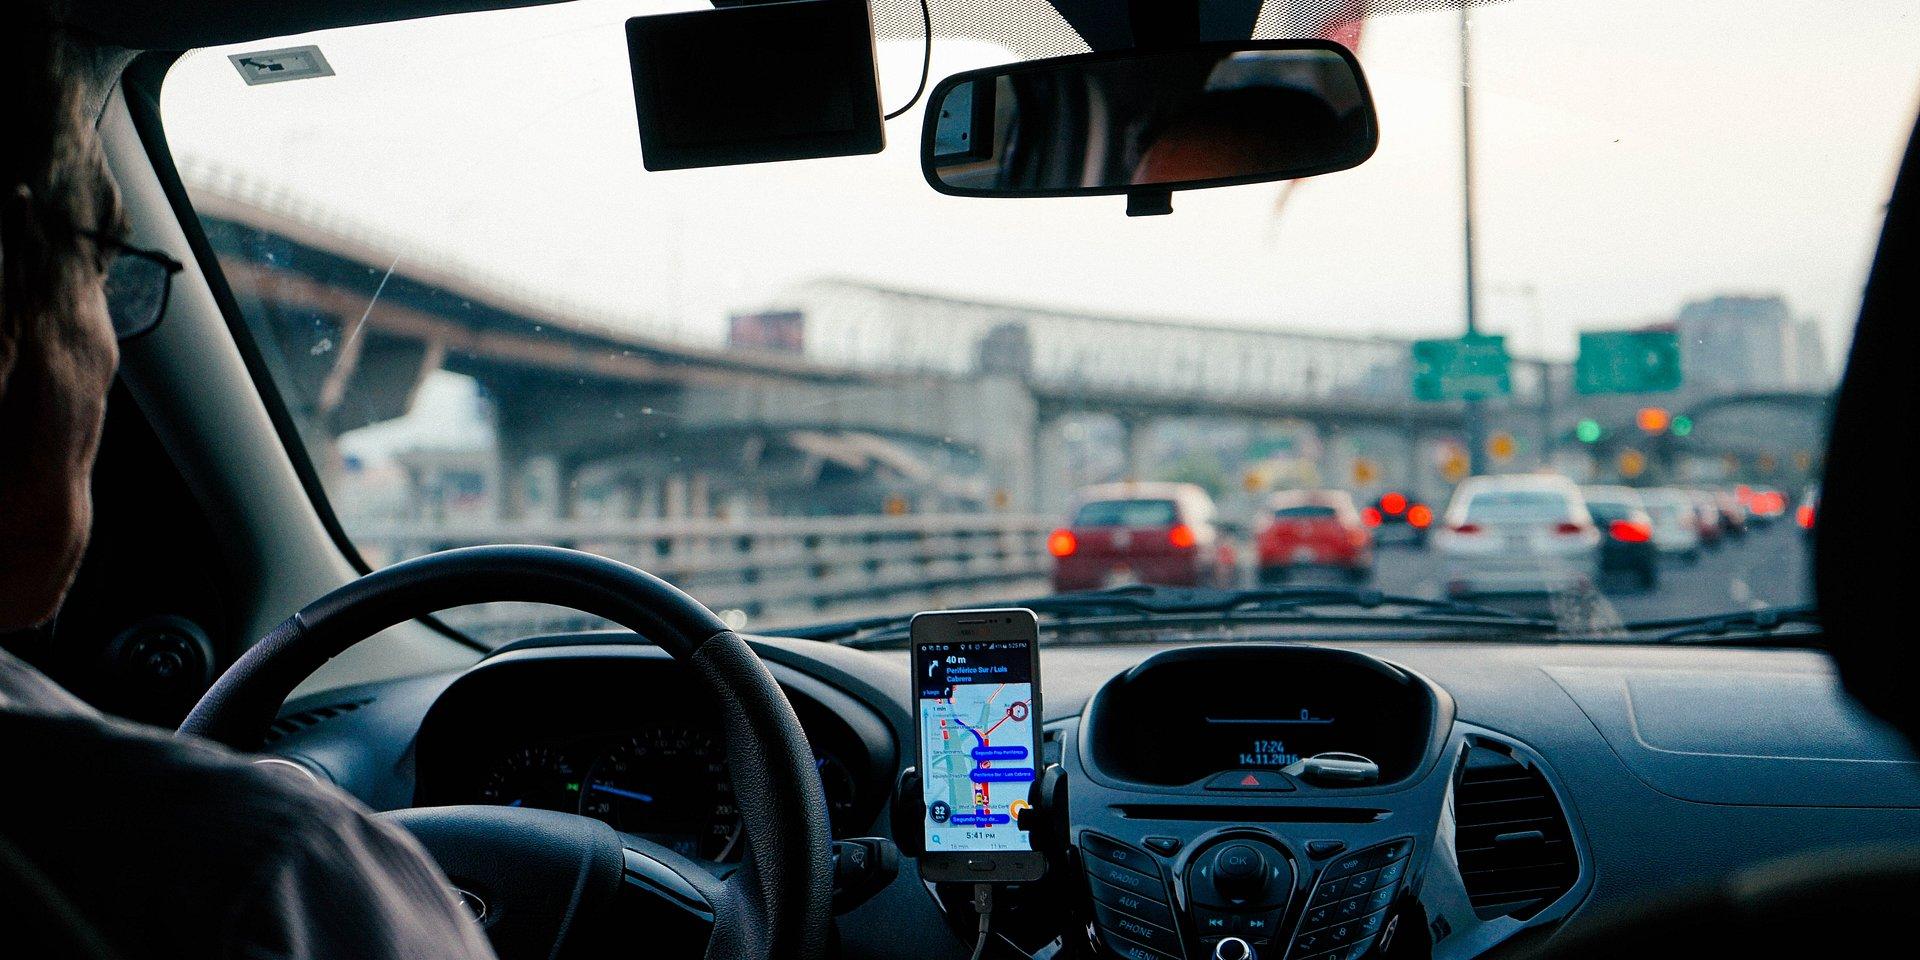 Asystent głosowy w Twoim samochodzie odezwie się szybciej niż myślisz